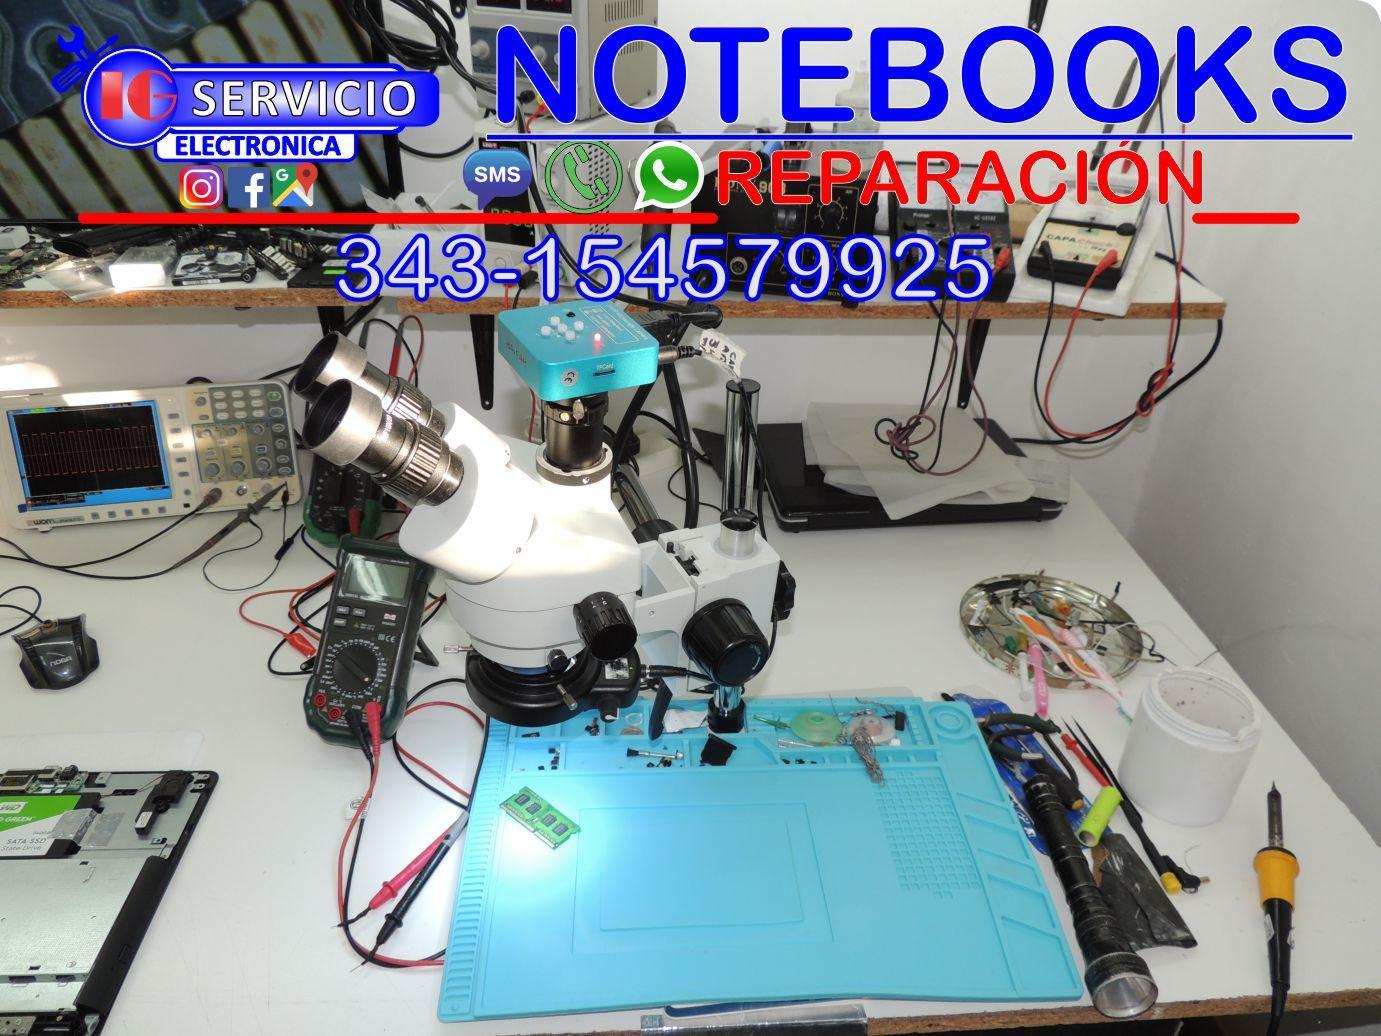 ¿No enciende tu notebook ? Reparaciones MOTHER DE NOTEBOOKS, PC,